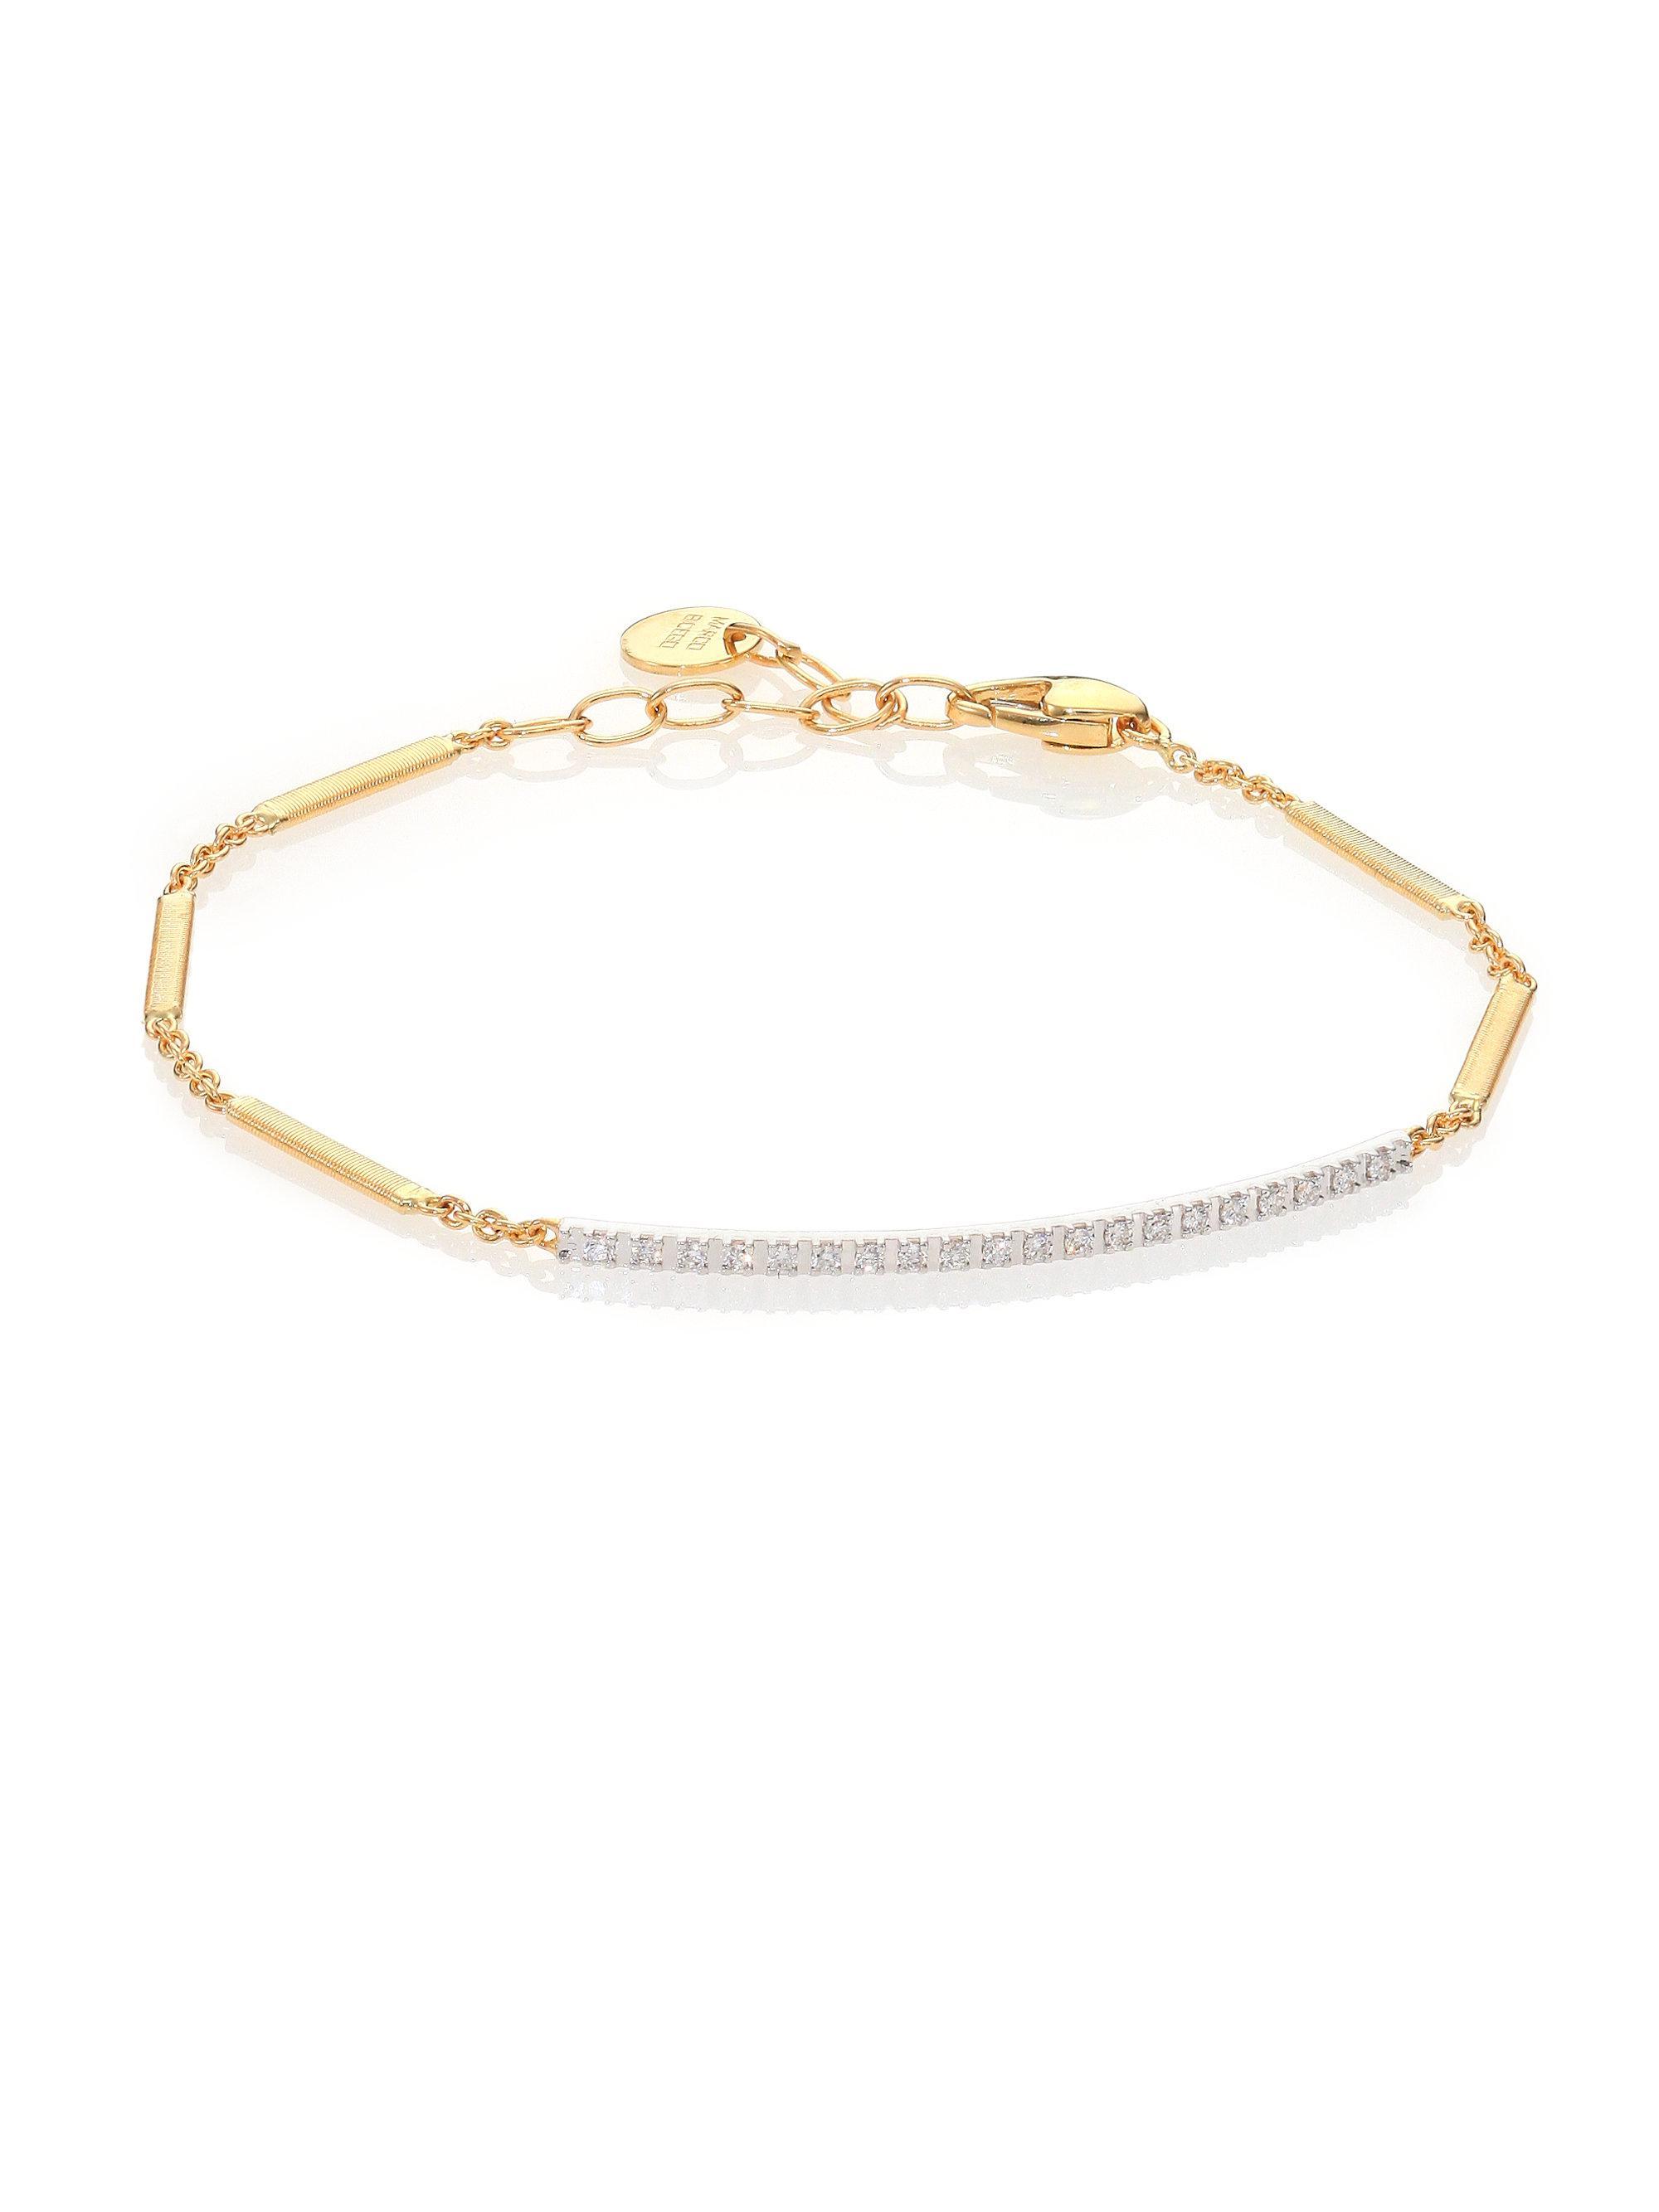 Marco Bicego Women S Metallic Goa Diamond 18k Yellow Gold White Bracelet